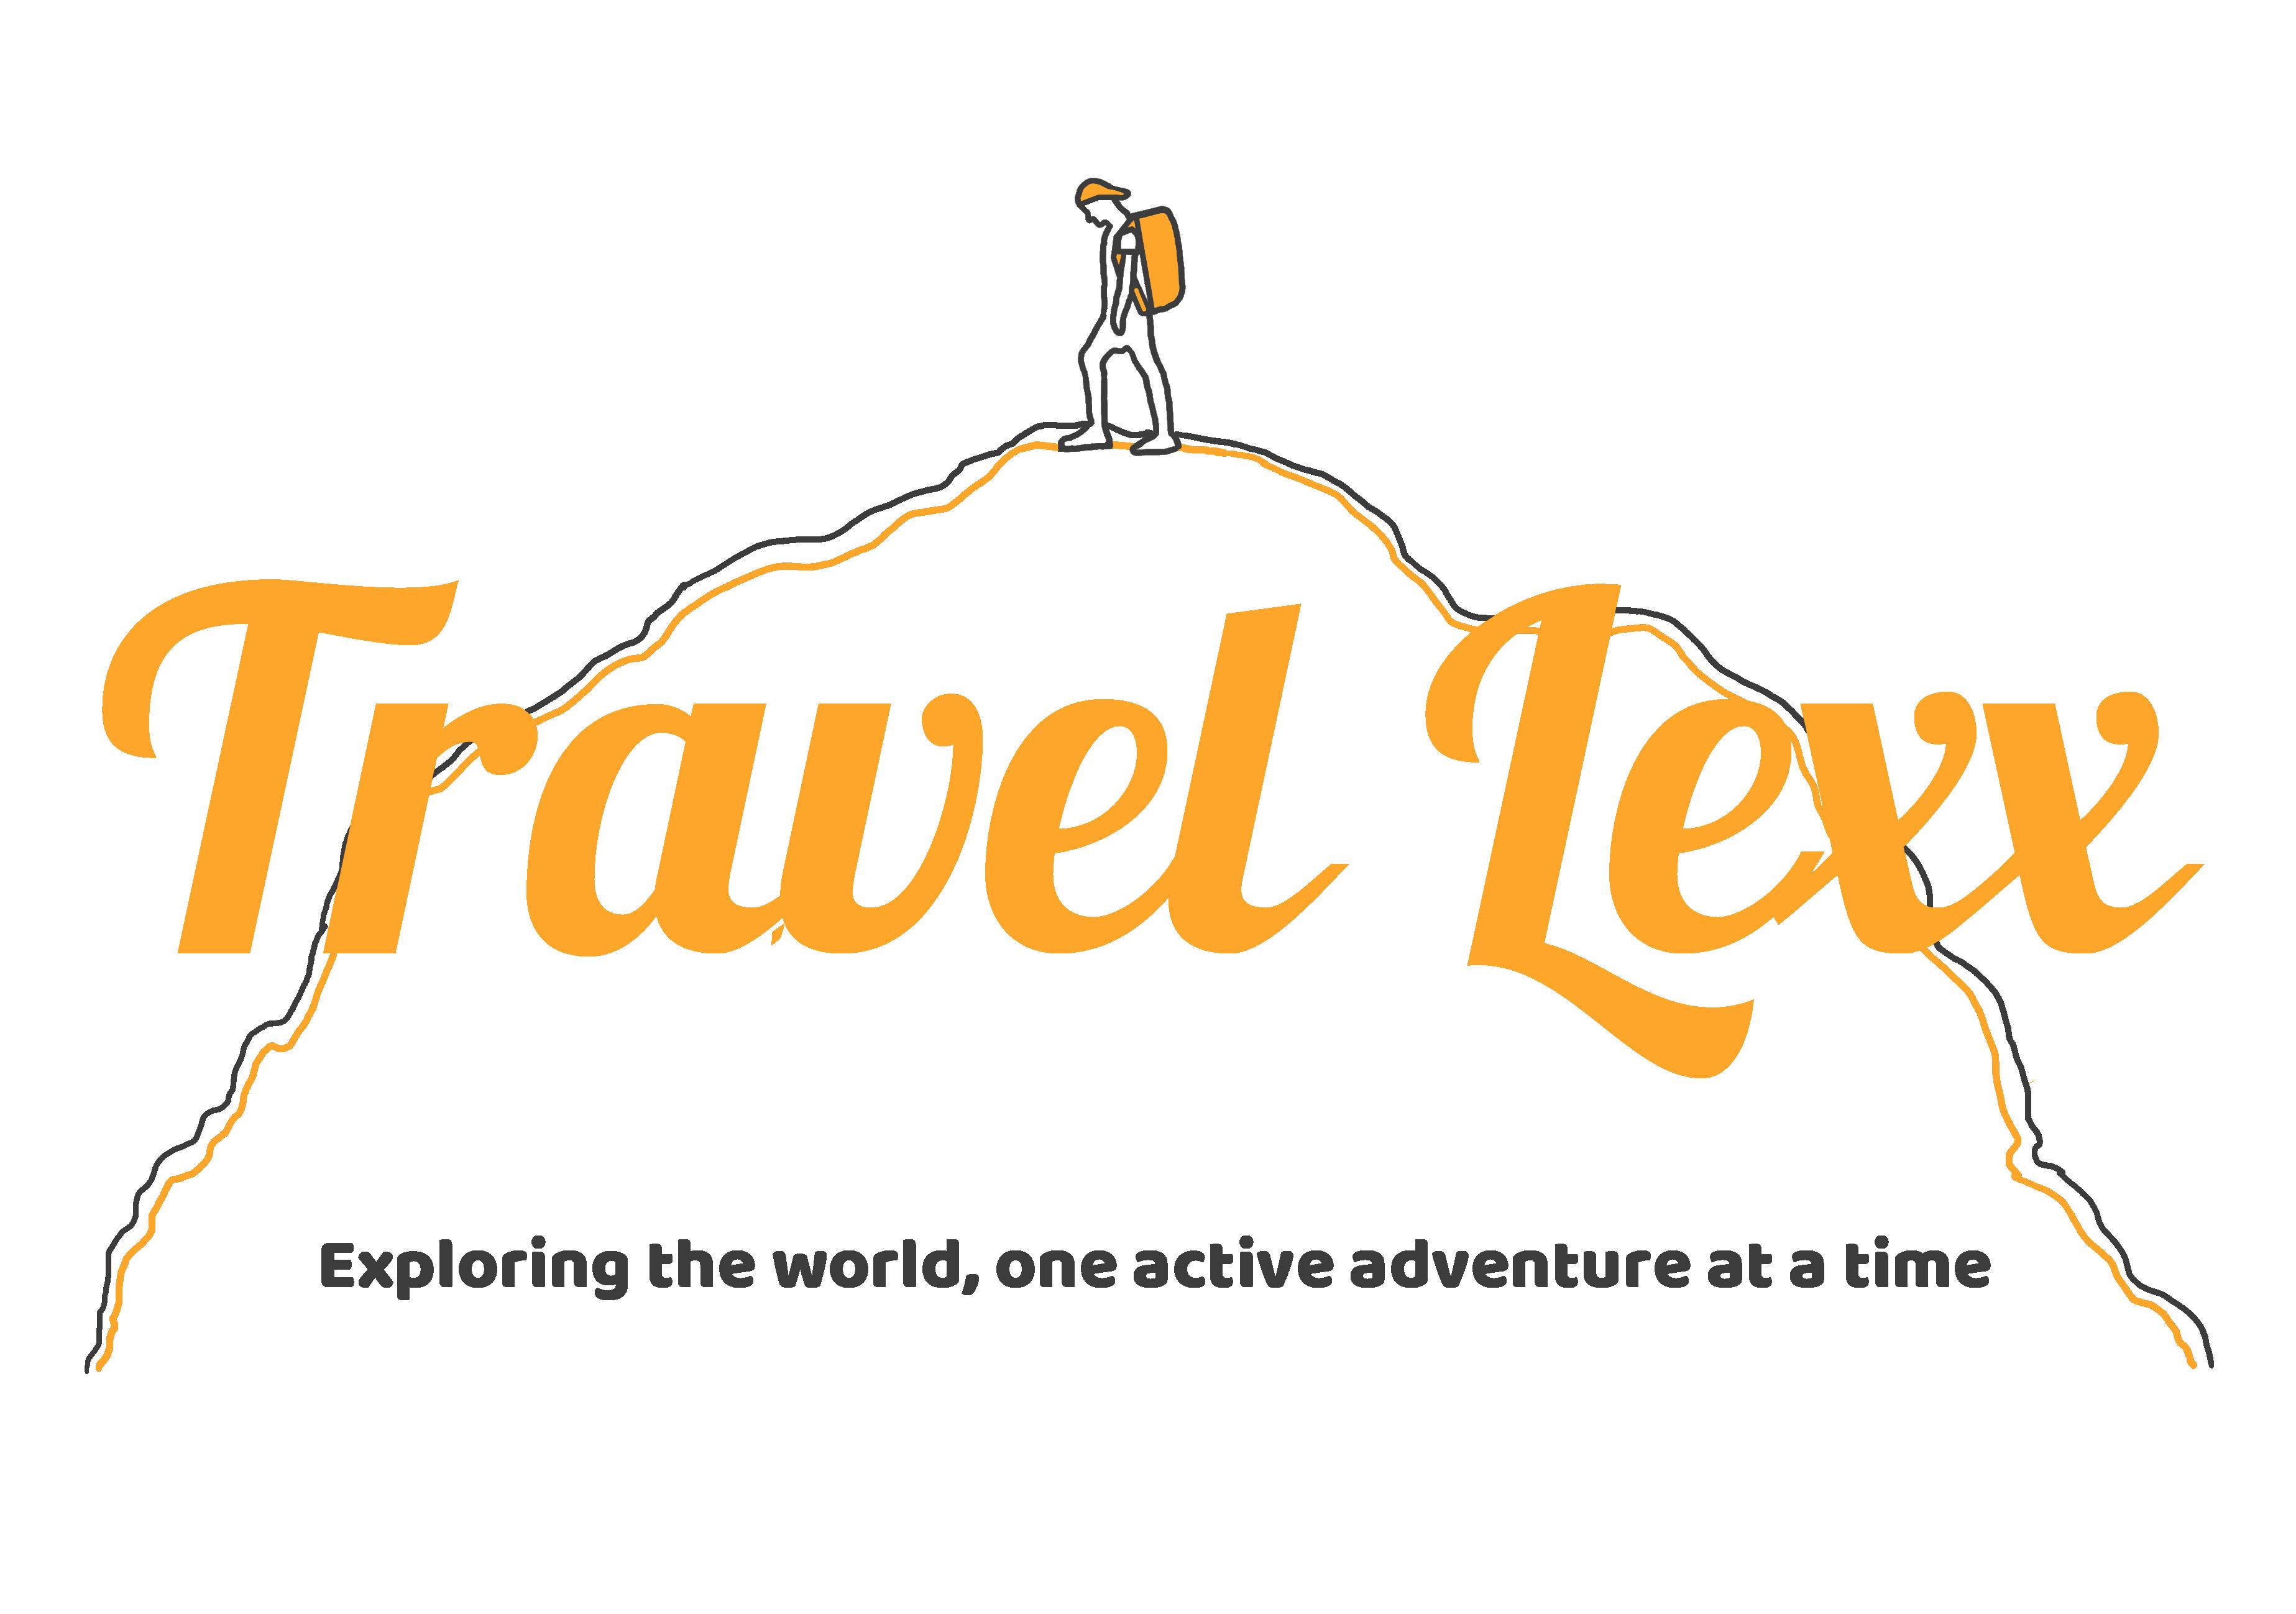 Travel Lexx